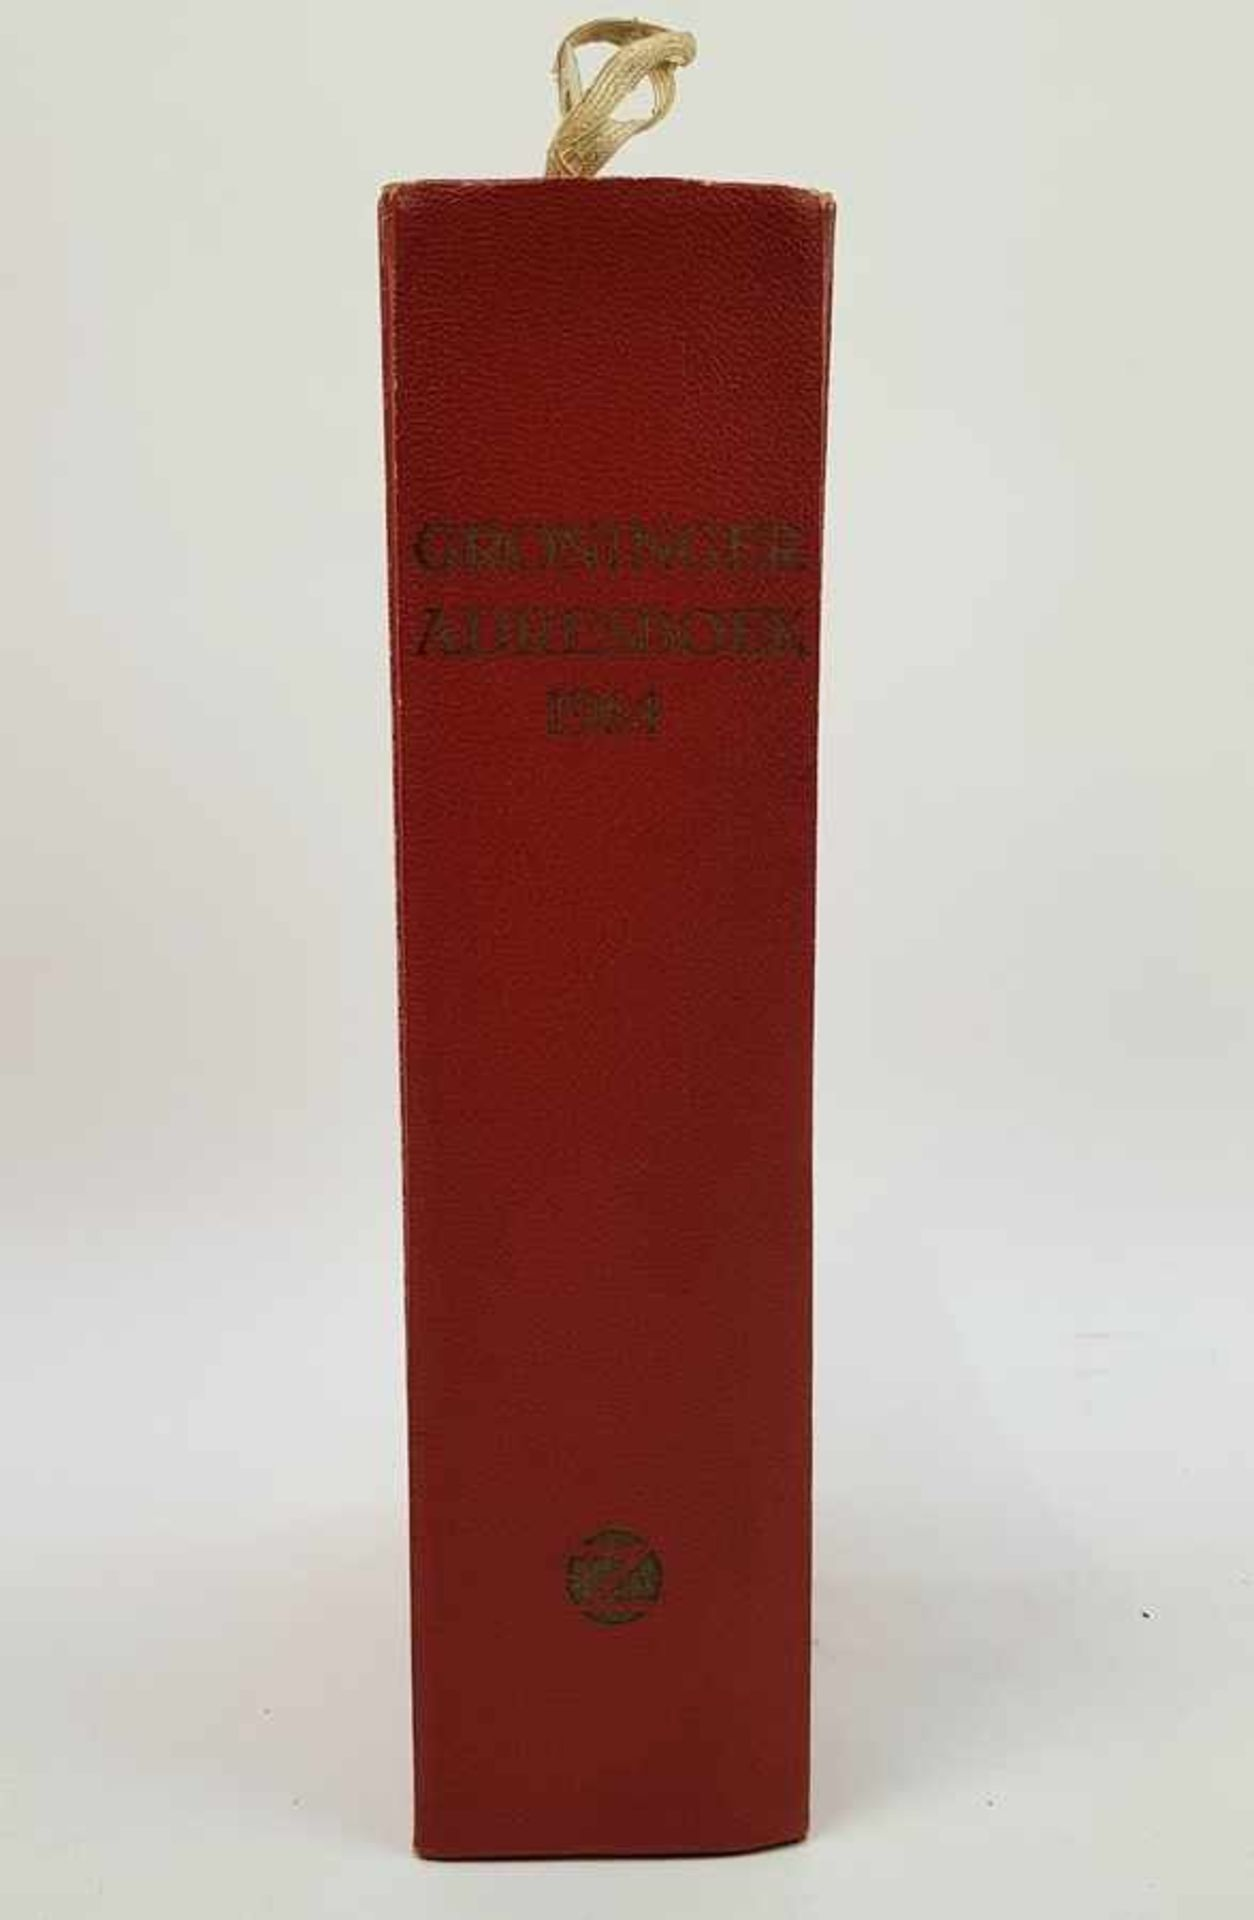 (Boeken) Groninger adresboek 1964 - Bild 6 aus 6